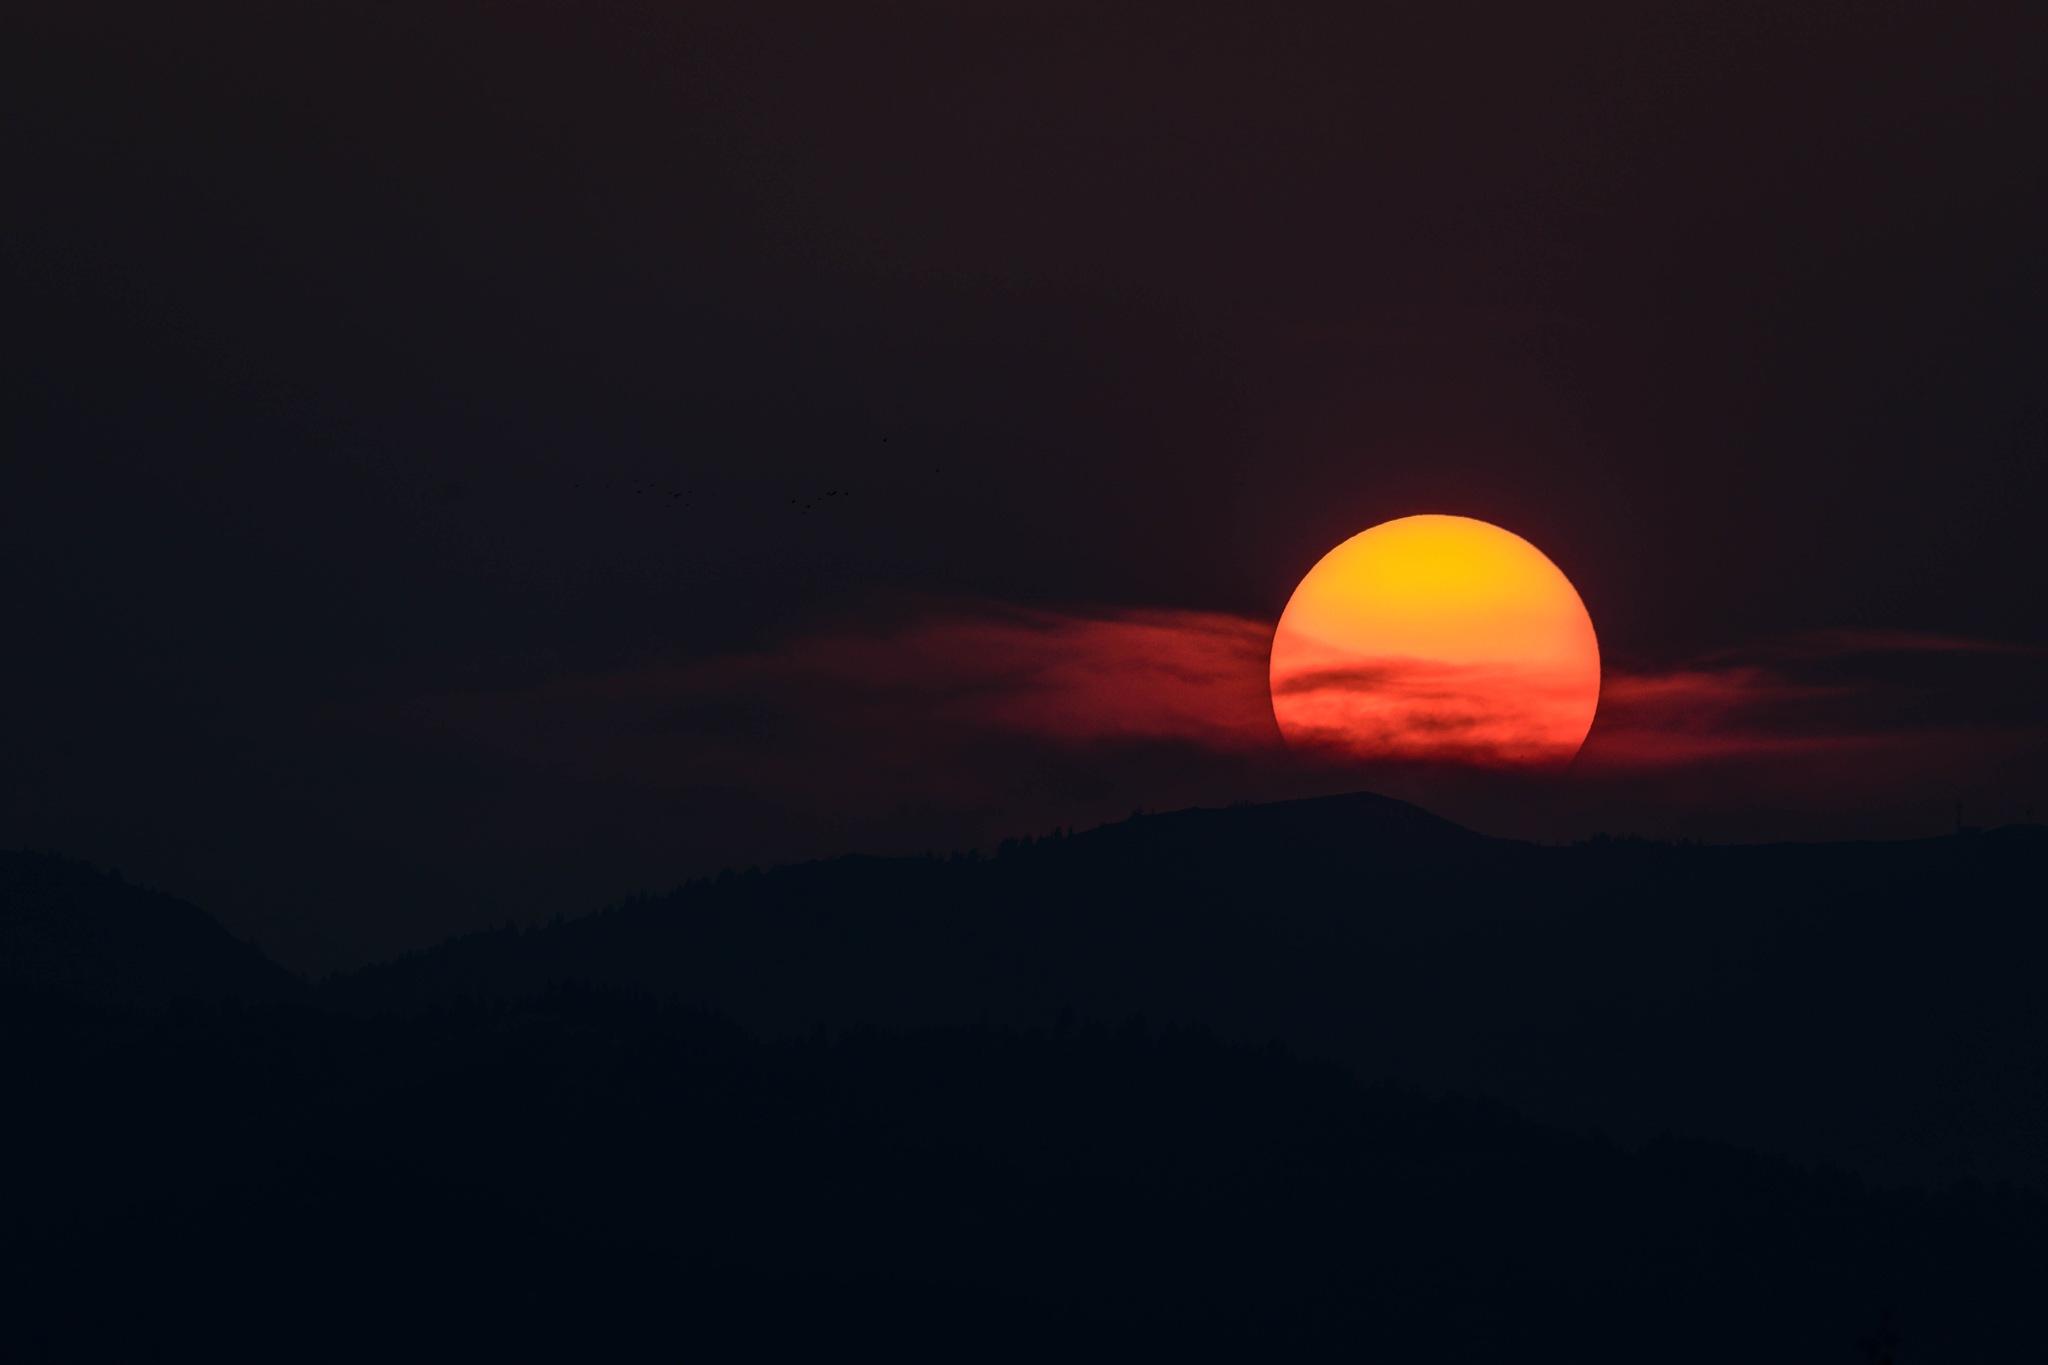 Dark Sunset by drchad480